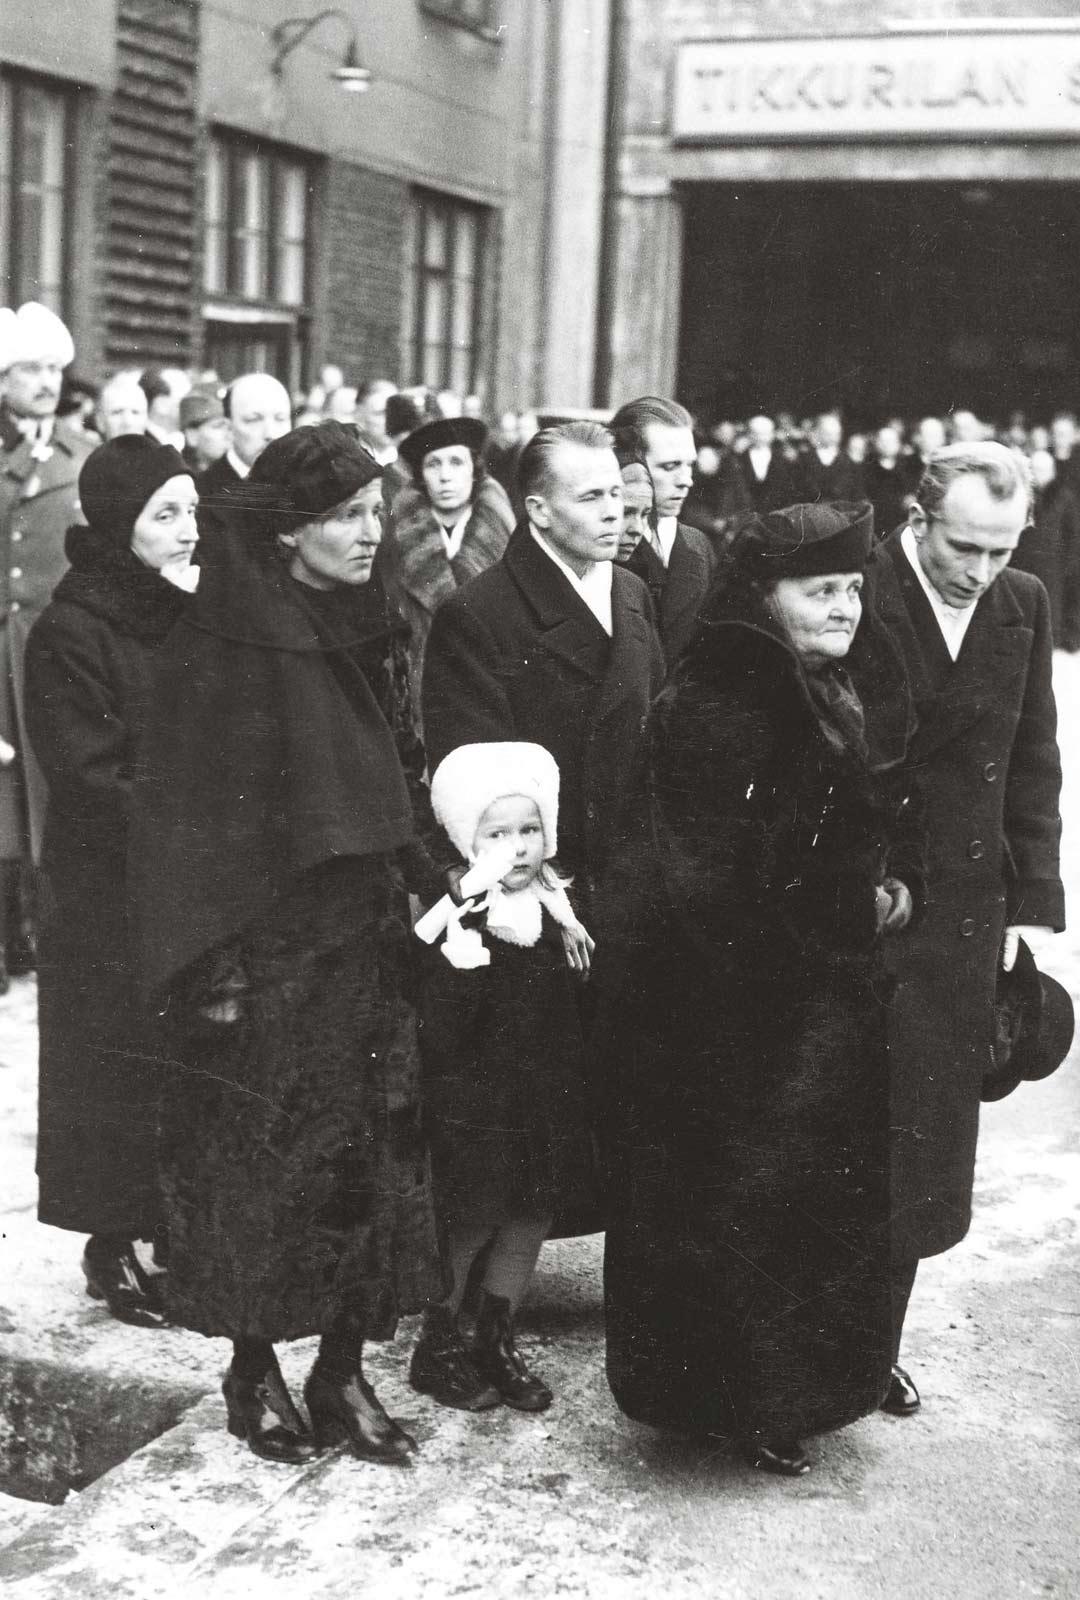 Presidentin perhe saattoi arkun Pohjanmaan junaan. Taustalla marsalkka Mannerheim ja uusi presidentti Risto Ryti.